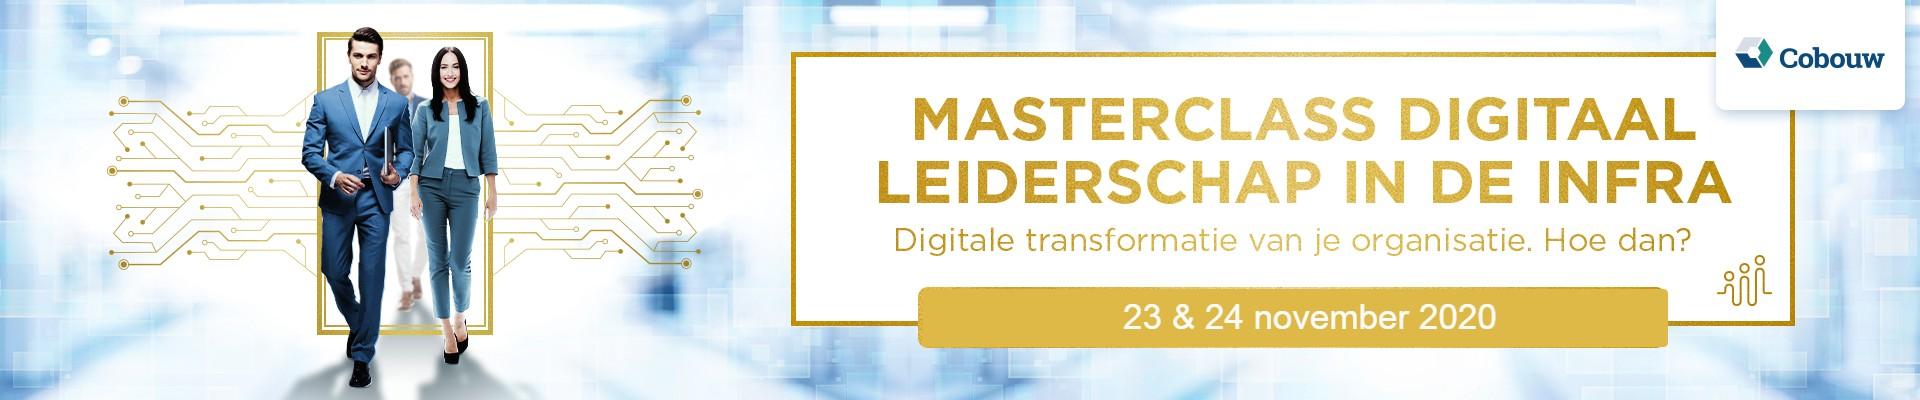 Digitaal leiderschap Bouw 2020